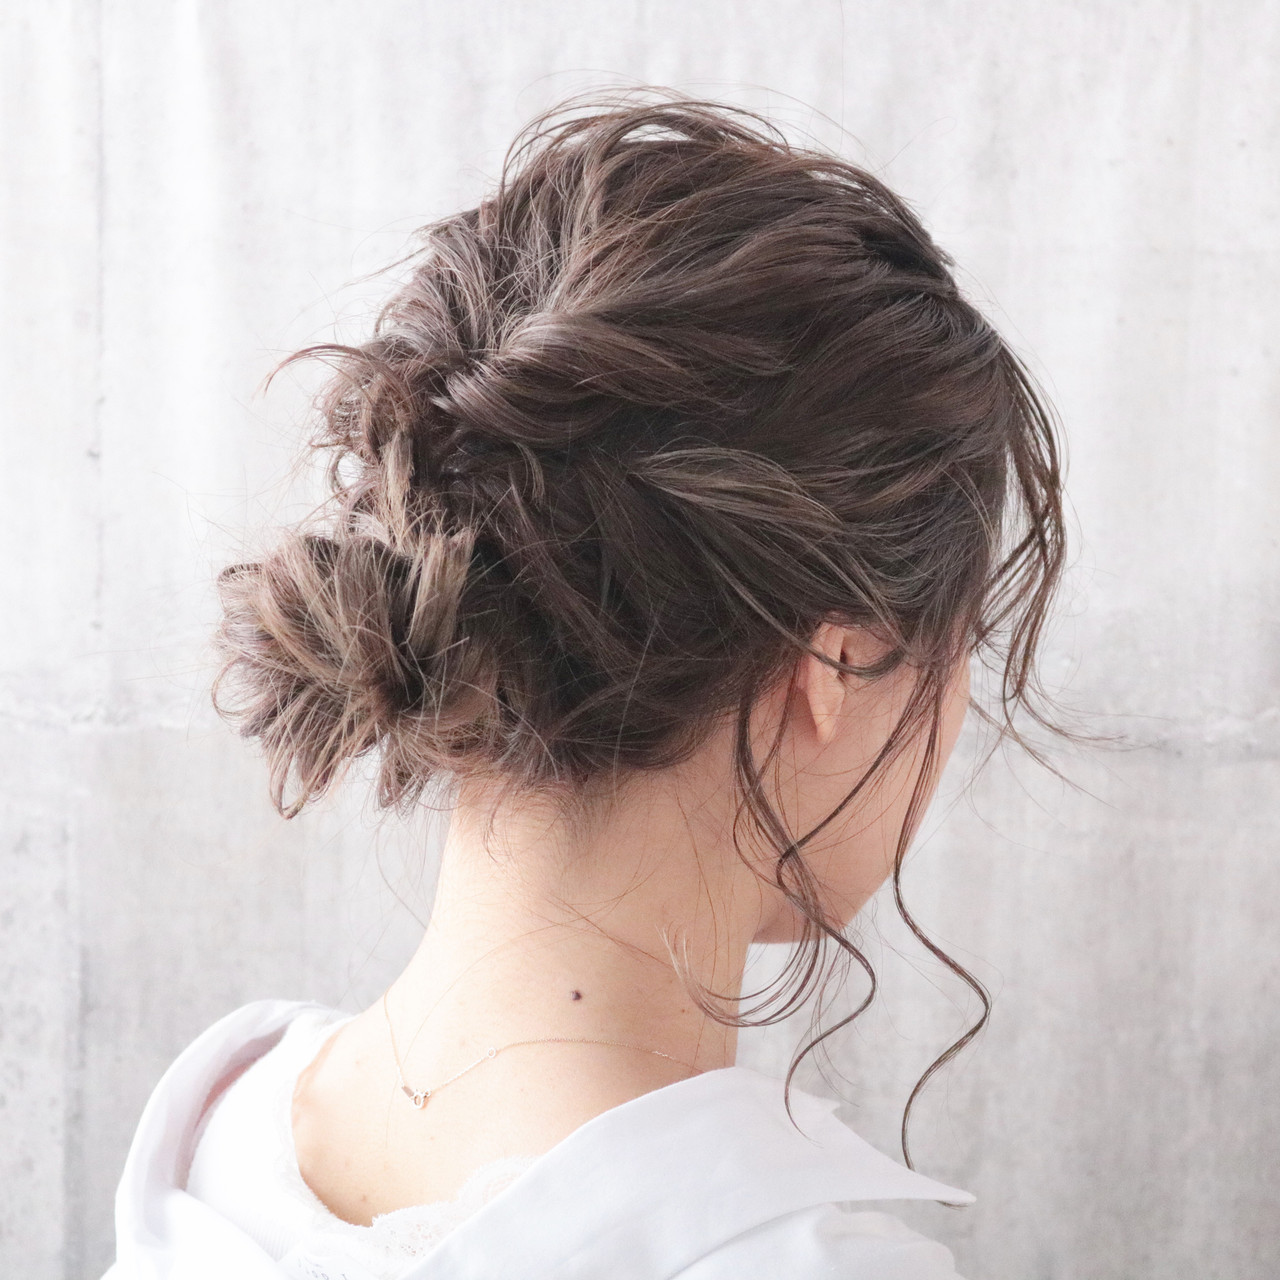 結婚式 簡単ヘアアレンジ デート ナチュラル ヘアスタイルや髪型の写真・画像 | 中村明俊 / HAVANA 天神